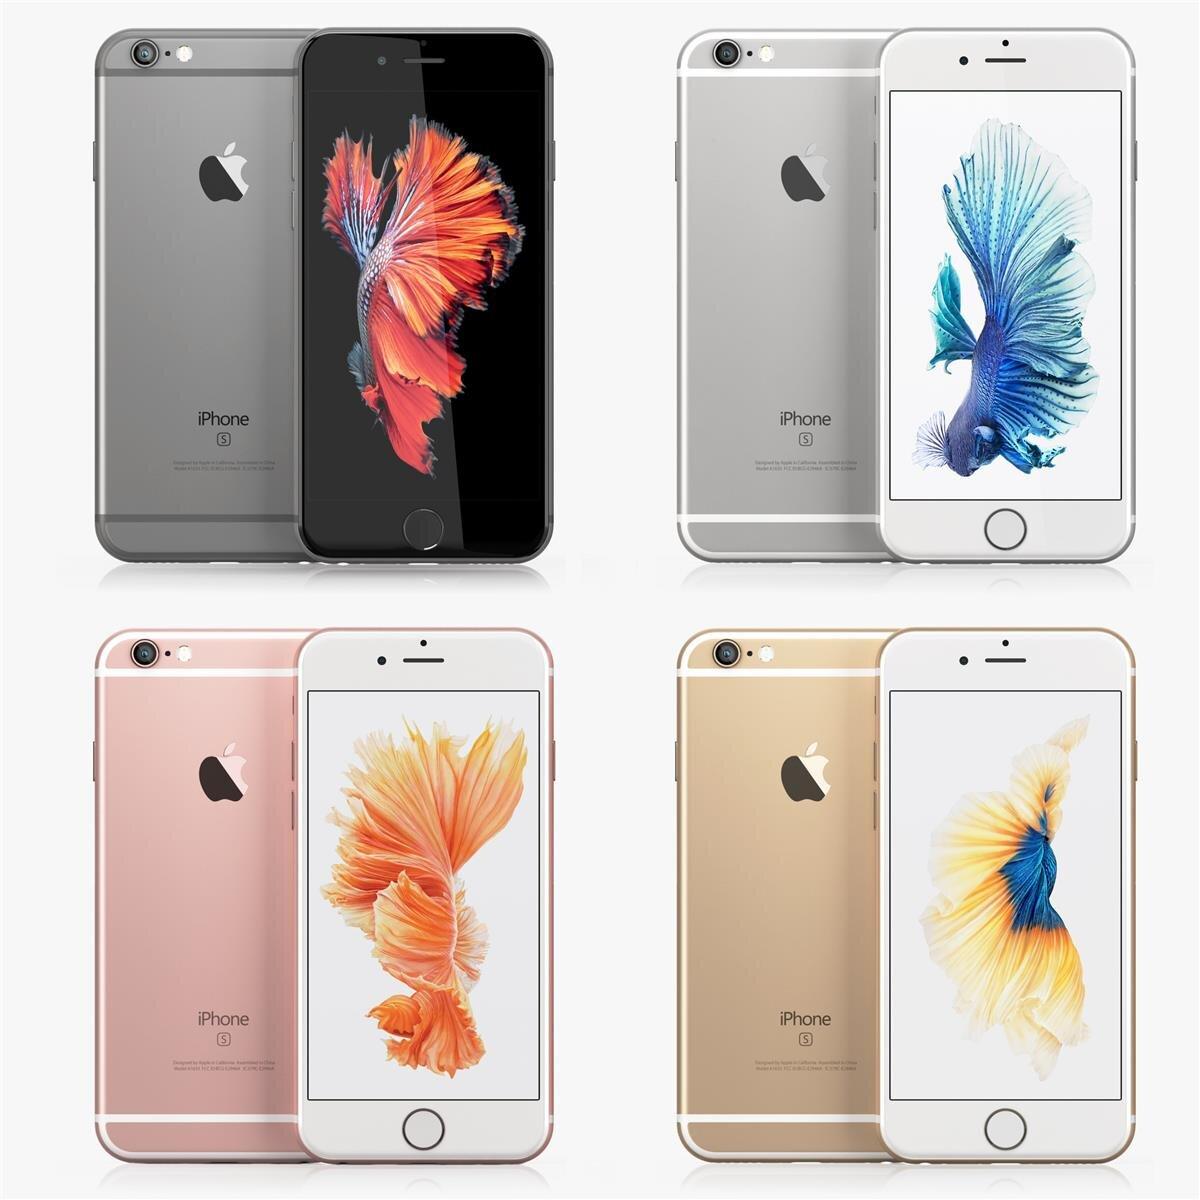 iPhone 6s Plus 32GB là lựa chọn đáng để cân nhắc thay vì mua iPhone X Lock